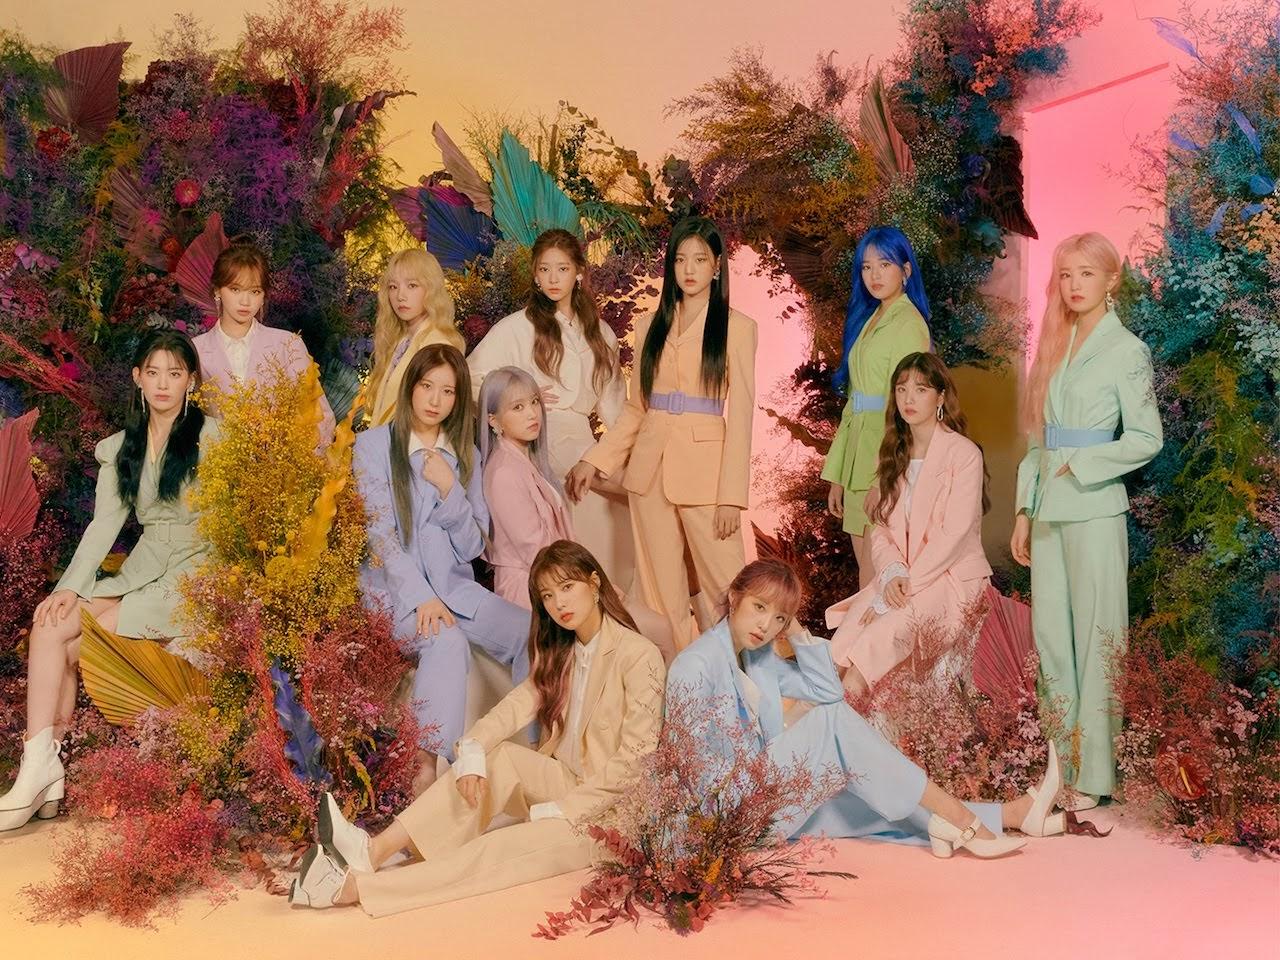 IZ*ONE 邀你參加她們夢幻的華麗慶典 首張正規專輯《BLOOM*IZ》發行